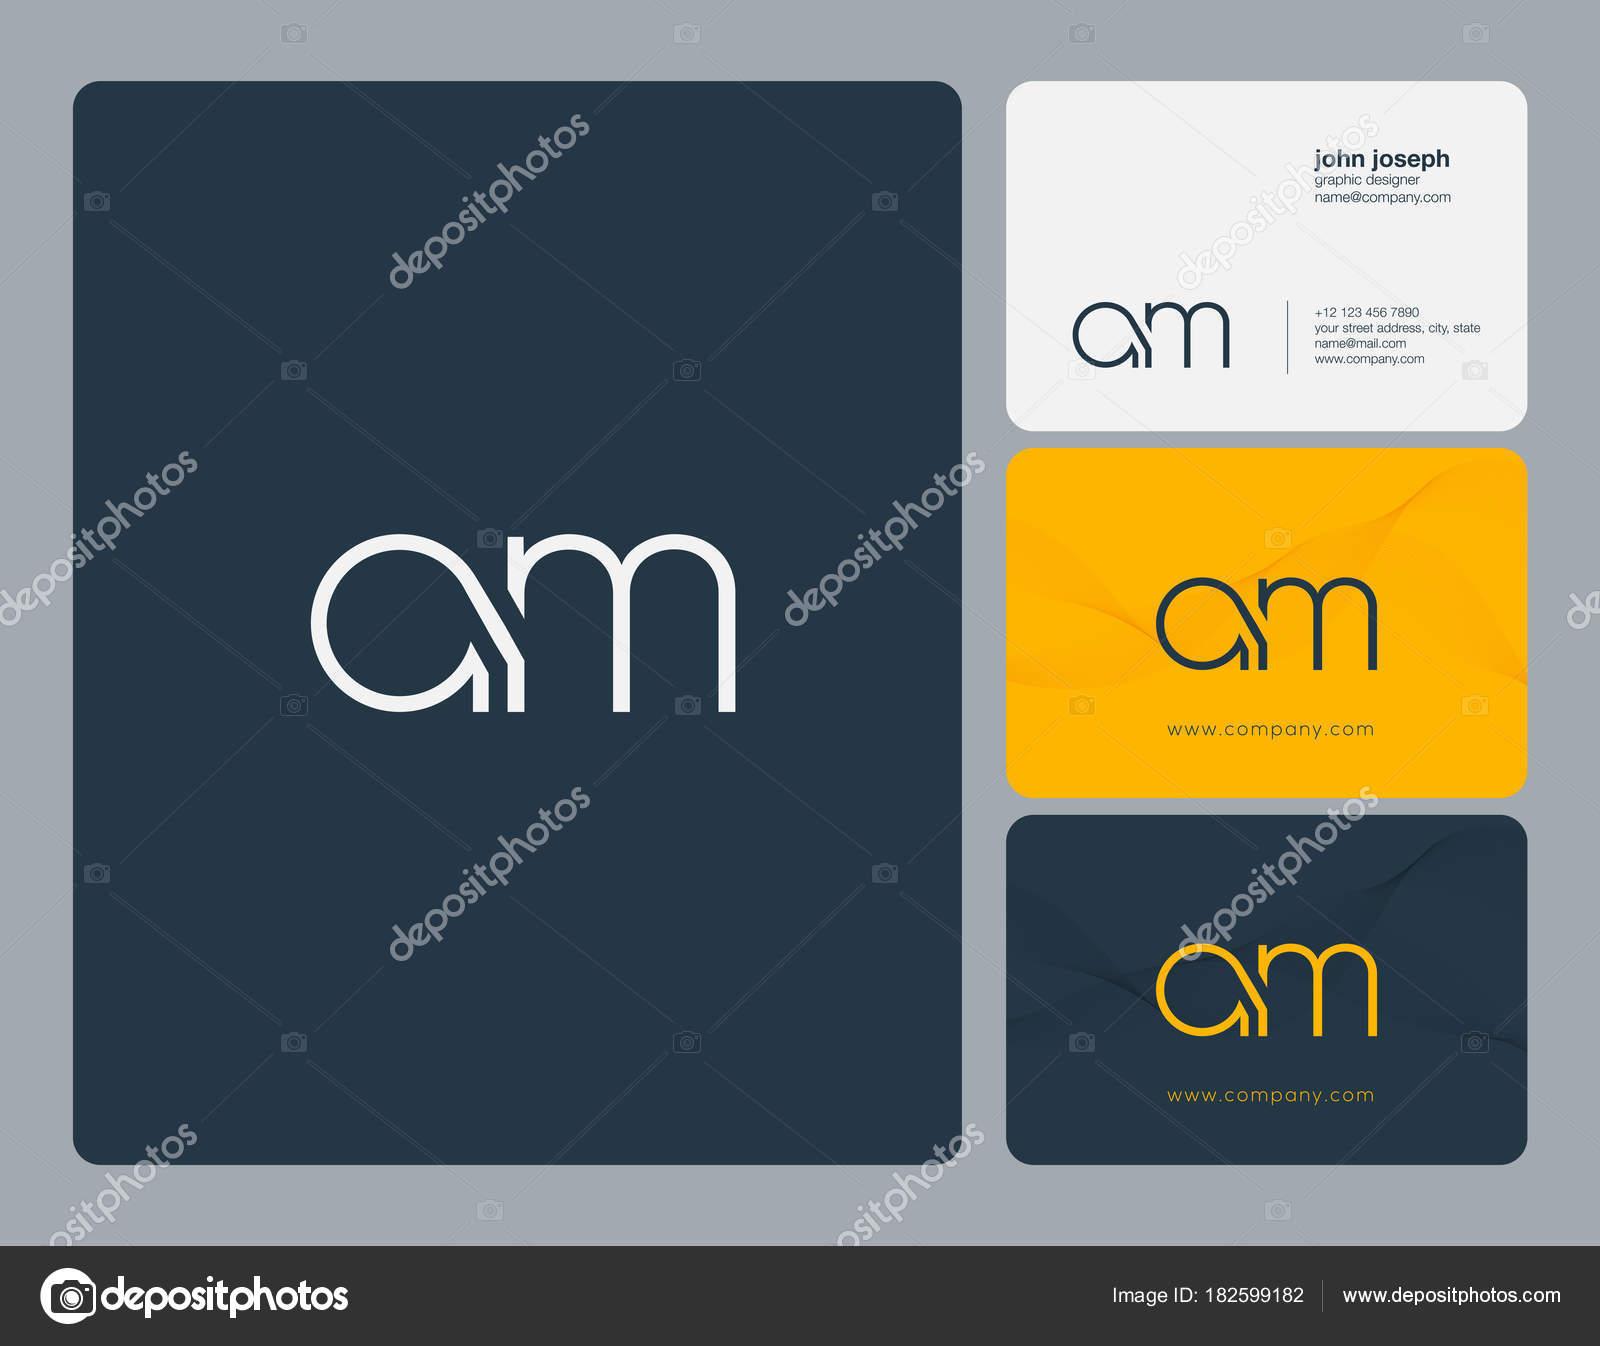 Lettres A M Icone Logo Commun Avec Modele De Vecteur Carte Visite Illustration Stock